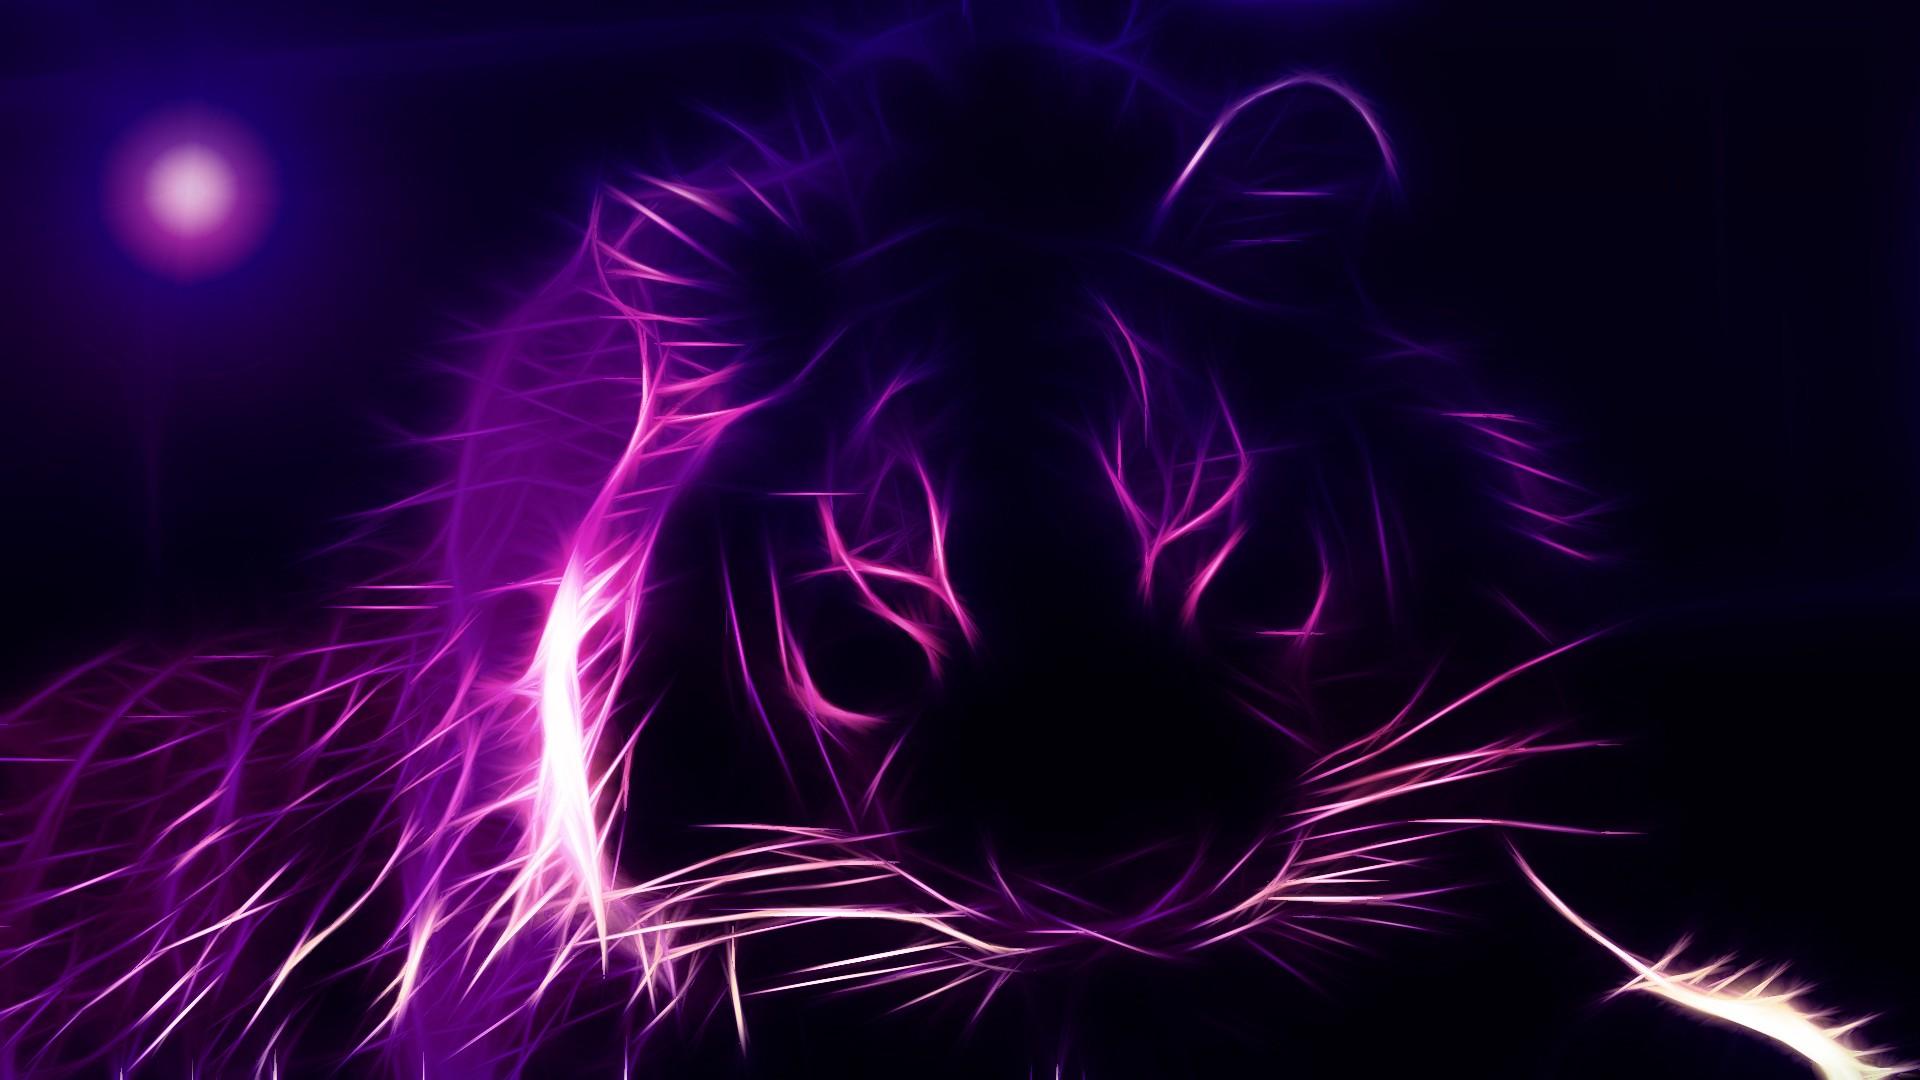 fractalius-purple-lions-1920x1080-px-wallpaper-colour-picture-purple-hd-wallpaper